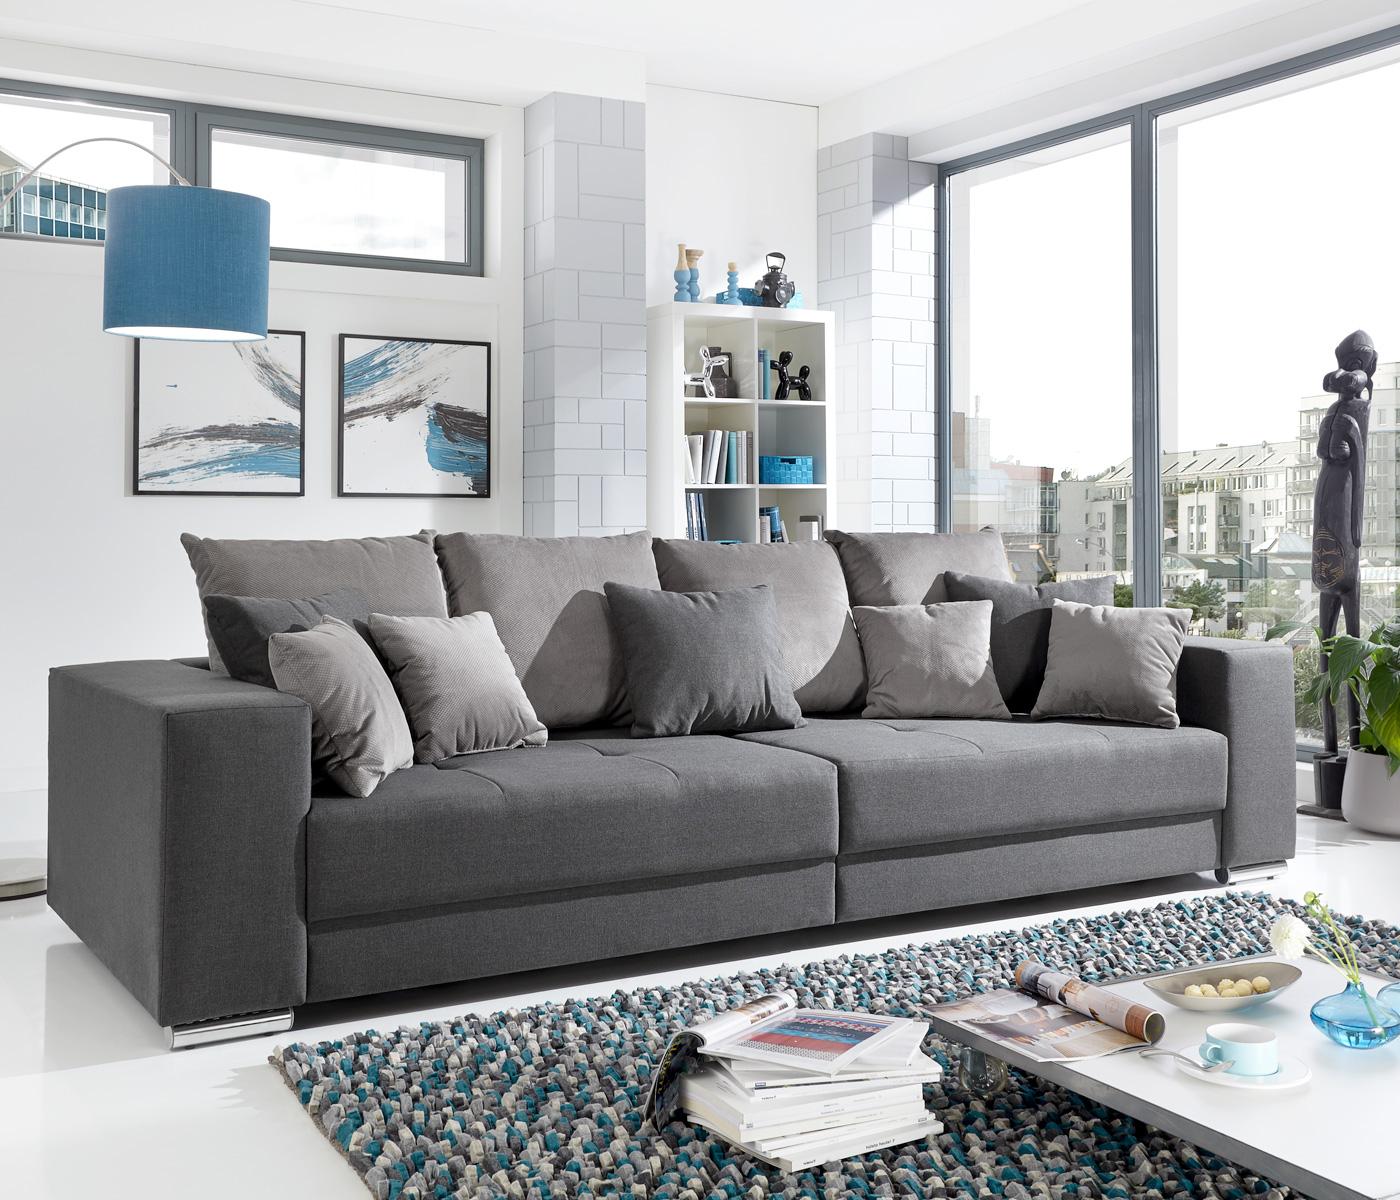 Bigsofa Adria Big Sofa Wohnzimmer XXL Couch Stoffausführung oder ...